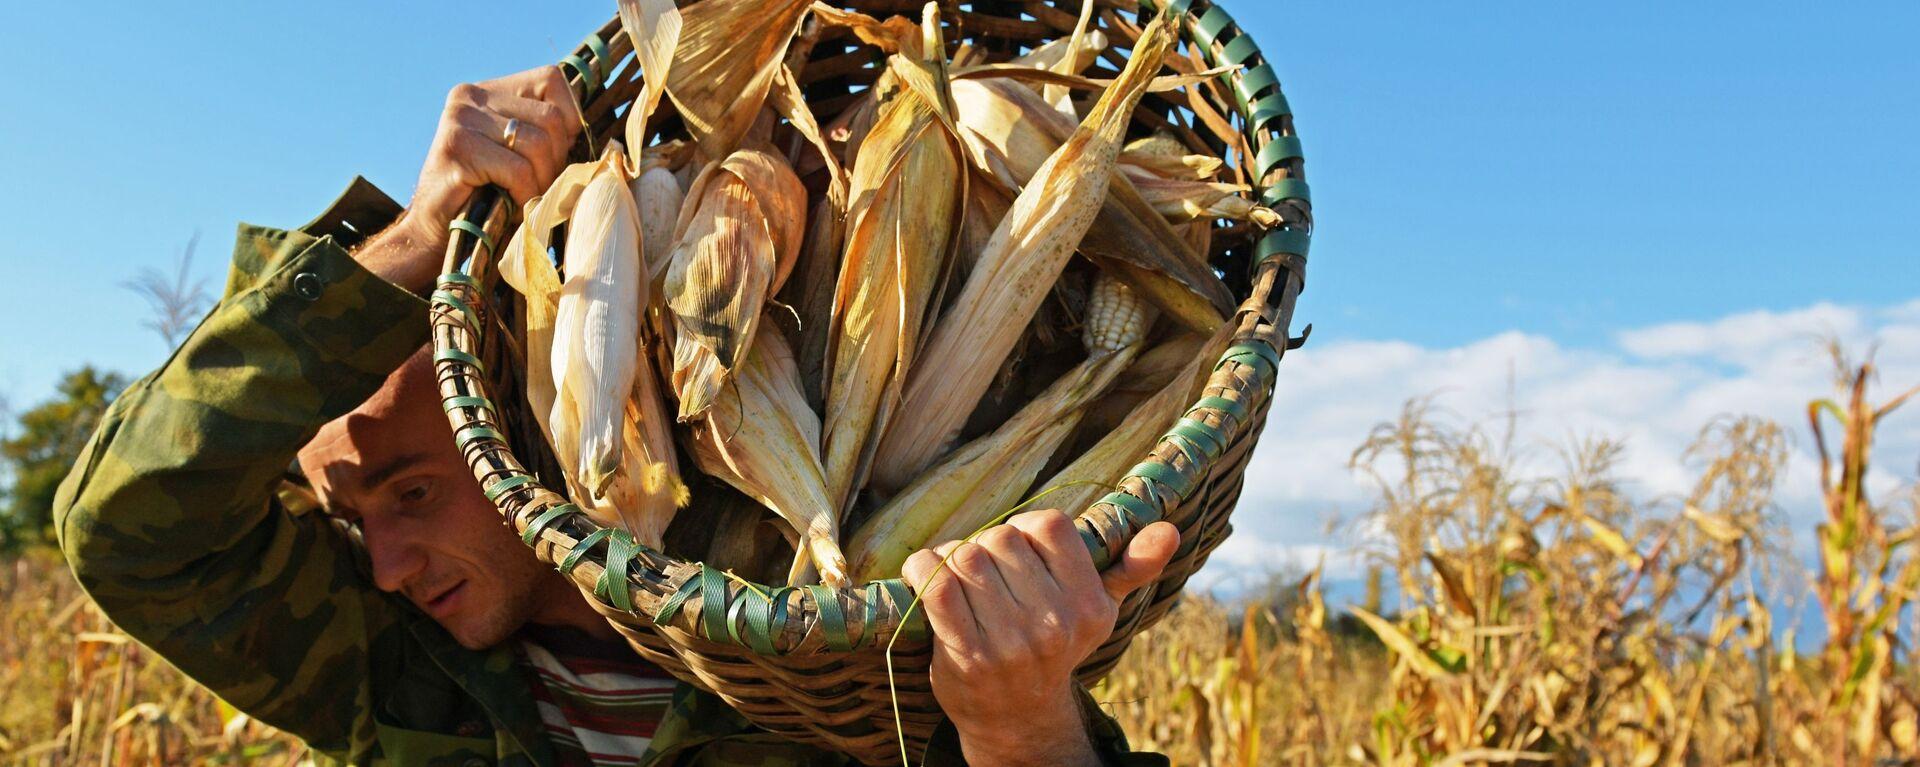 Уборка урожая кукурузы в Абхазии (Лонгрид) - Sputnik Аҧсны, 1920, 06.10.2019